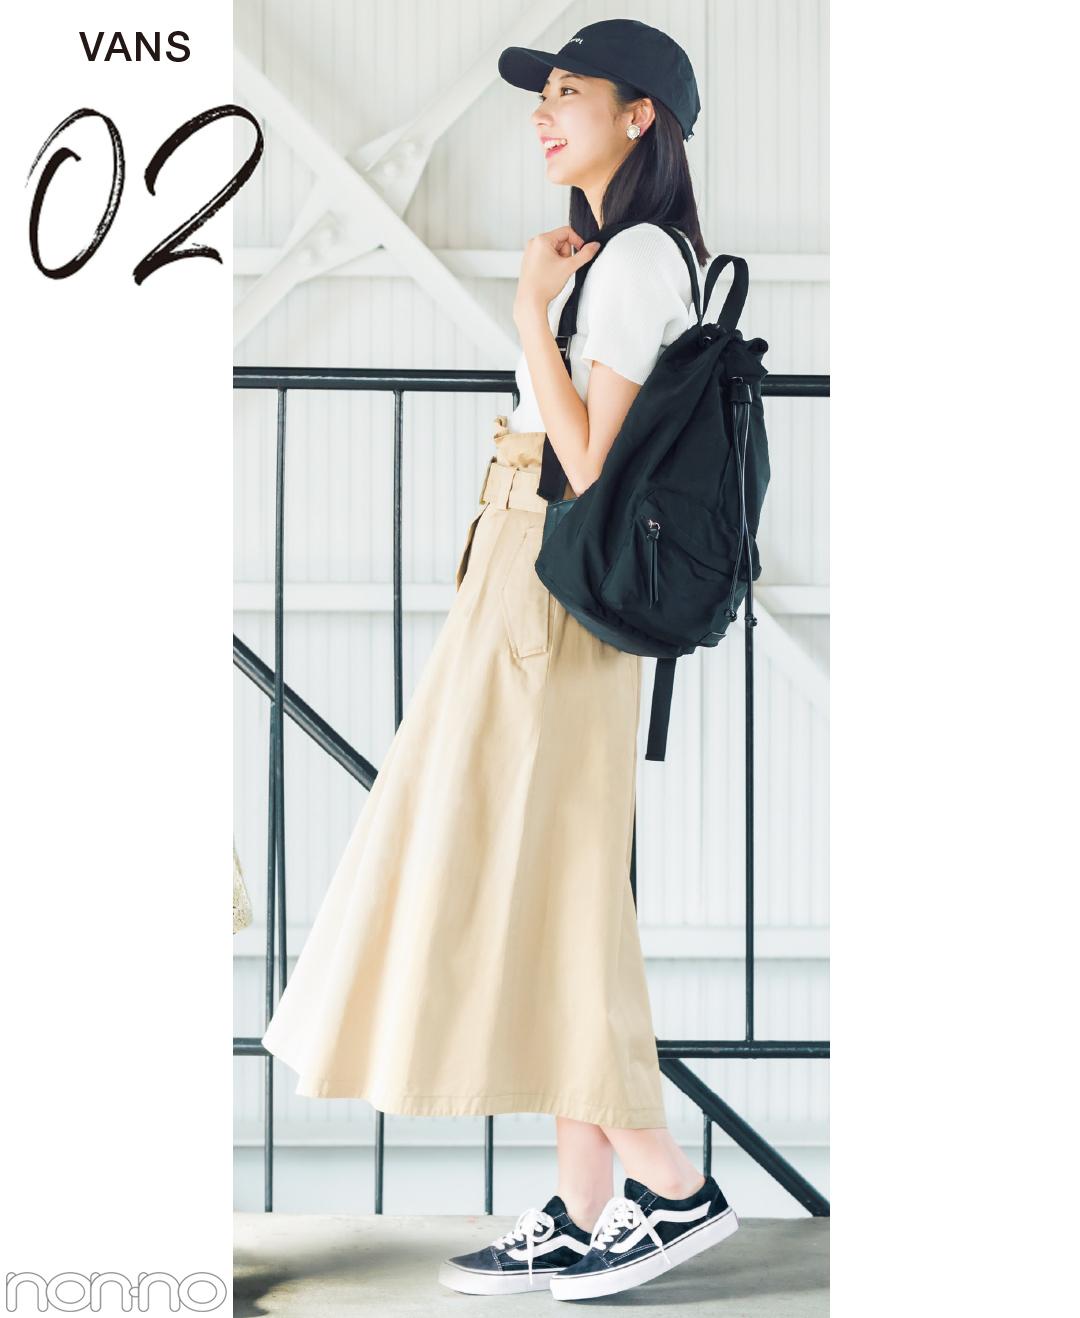 【夏のスニーカーコーデ】武田玲奈のスポカジは小物を黒で統一して大人見え大成功!